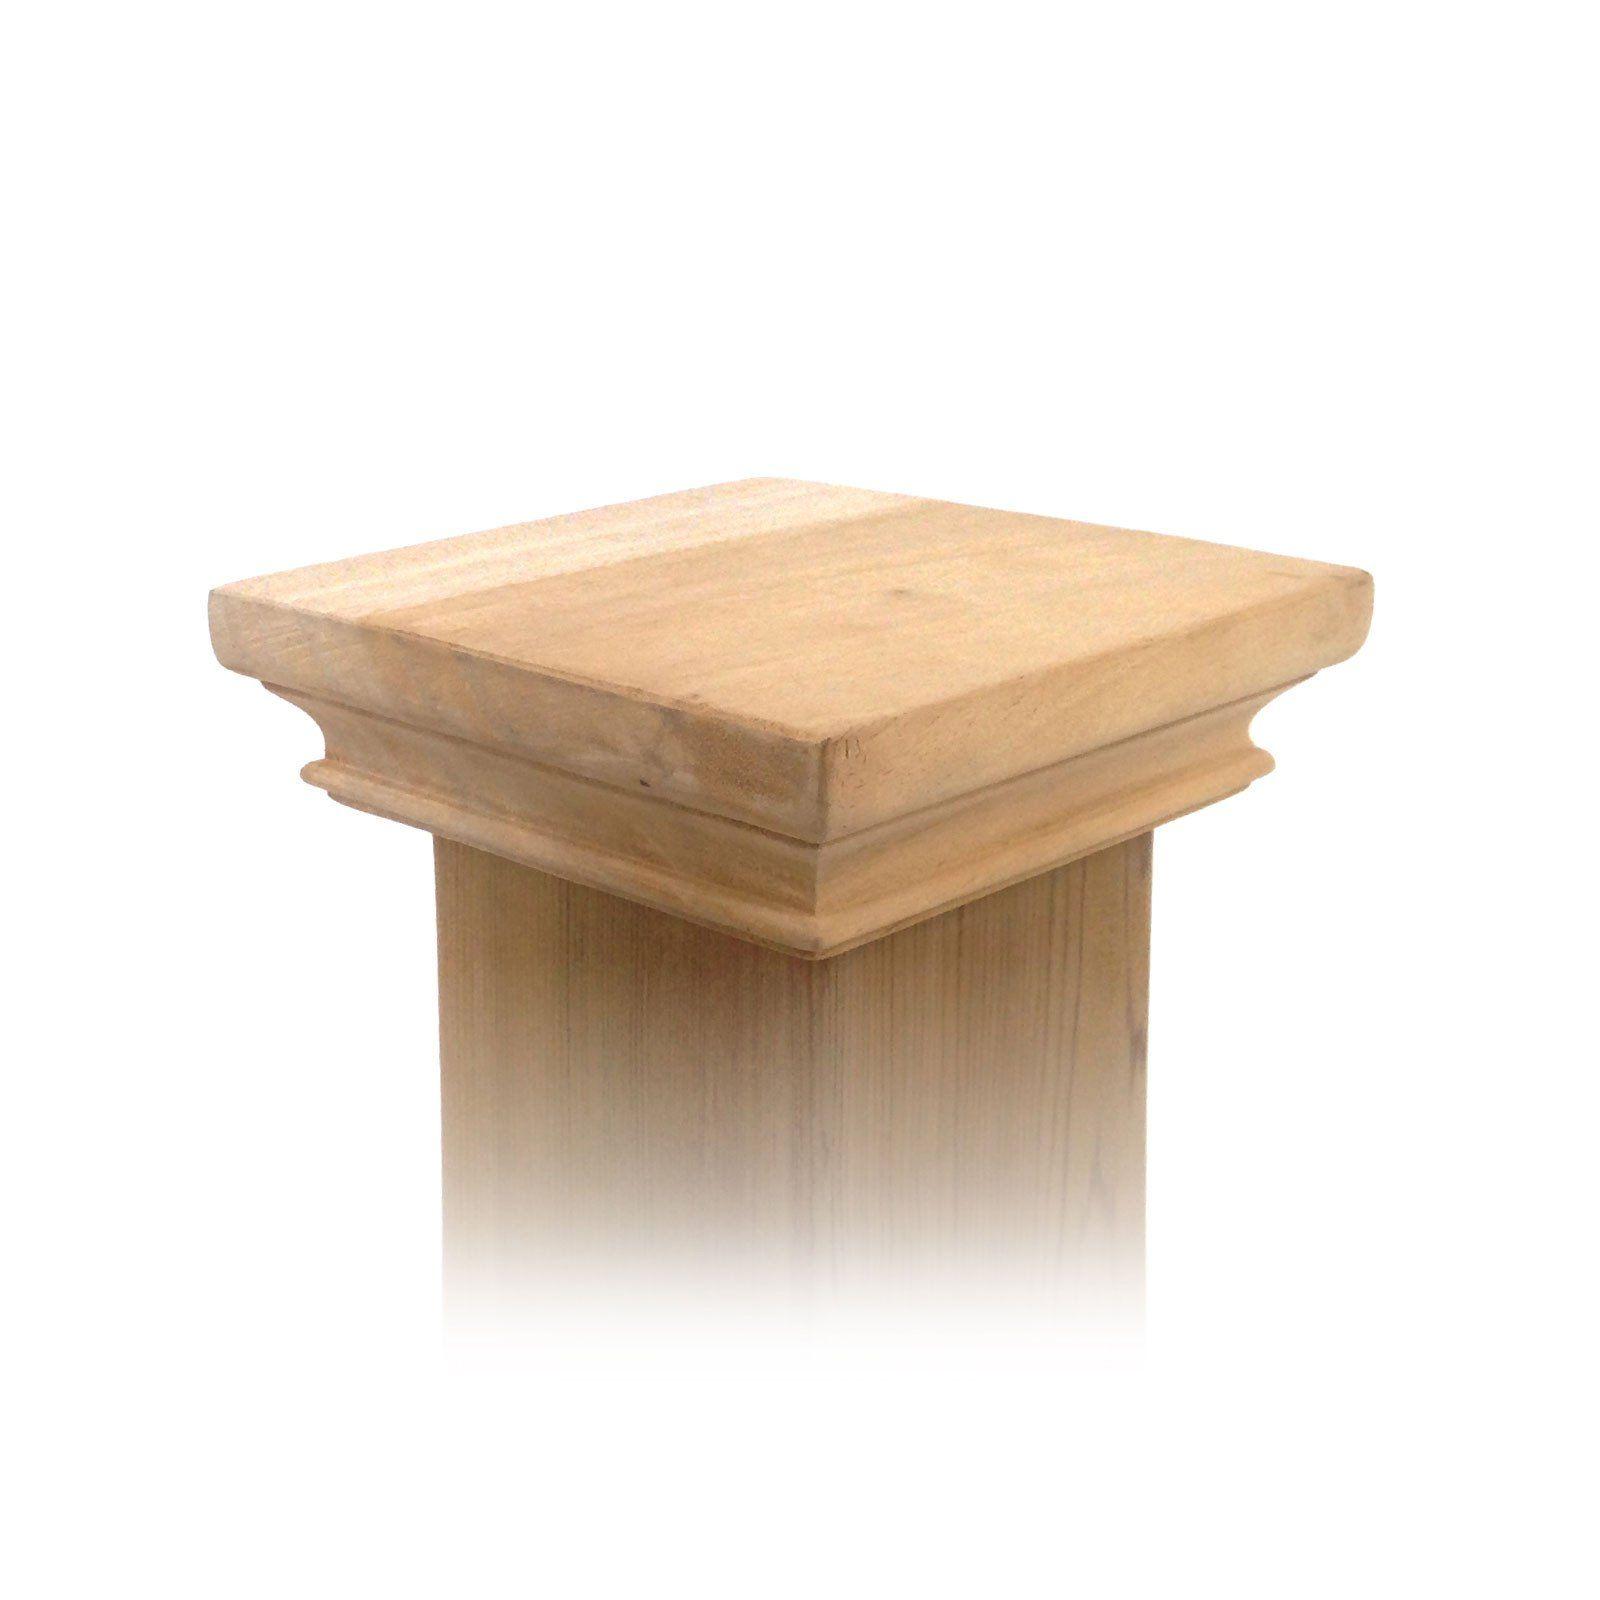 Wood Post Caps Deck Tops 4x4 5x5 6x6 4x6 Copper Tops Usa Wood Post Post Cap Wooden Fence Posts